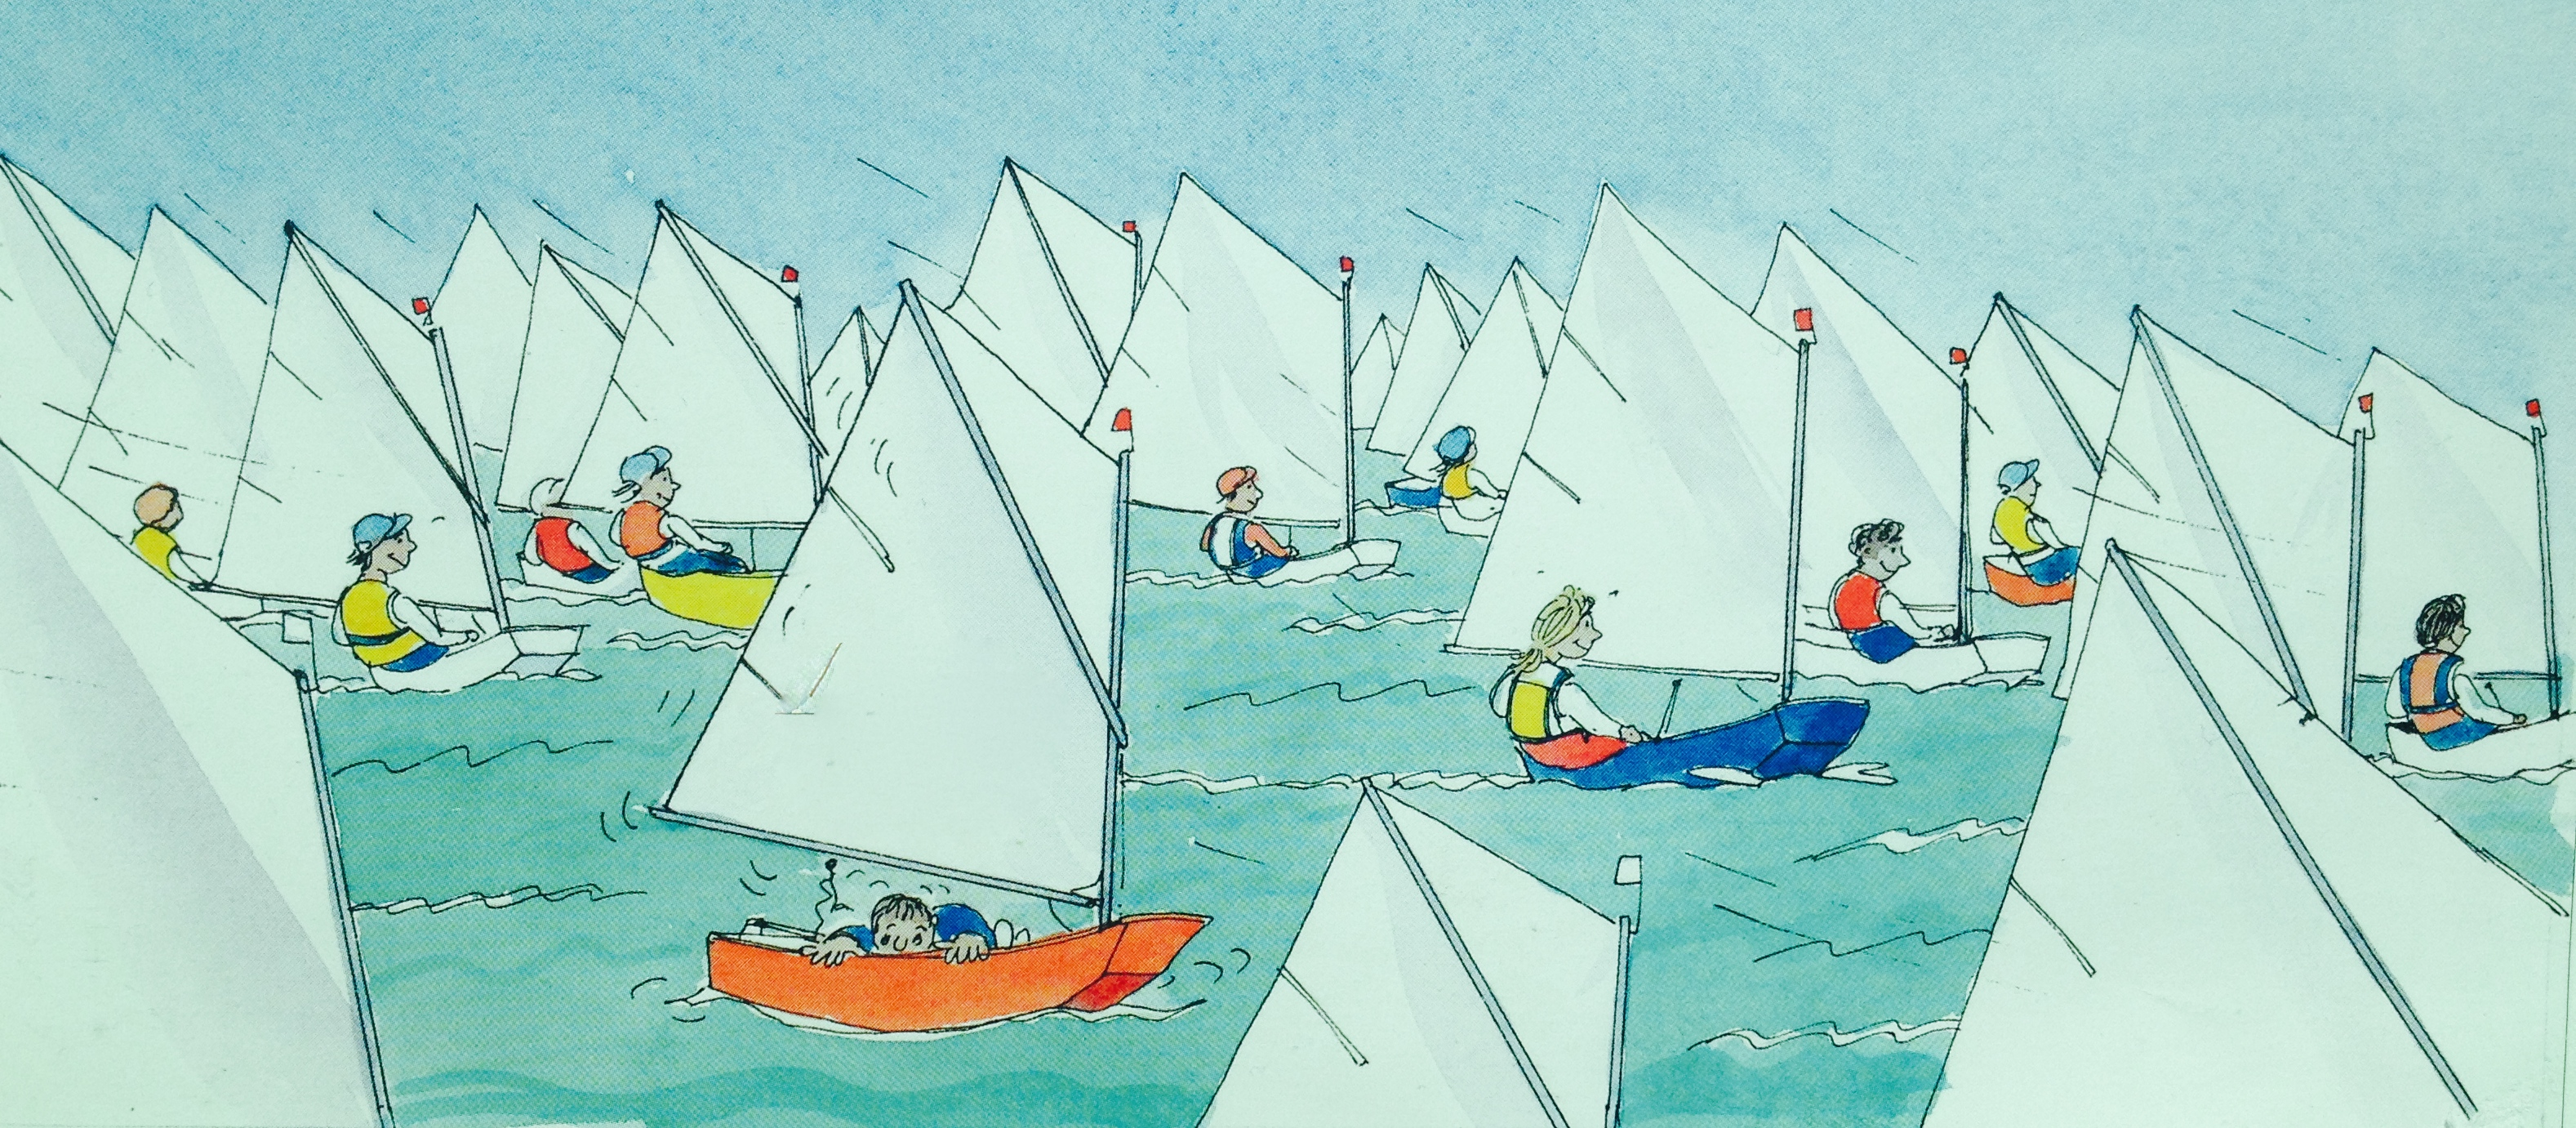 技术学,帆船,竞技,双人艇 建议大家先从双人艇开始,这样就可以分工从简单的技术学起来。 2e.jpg